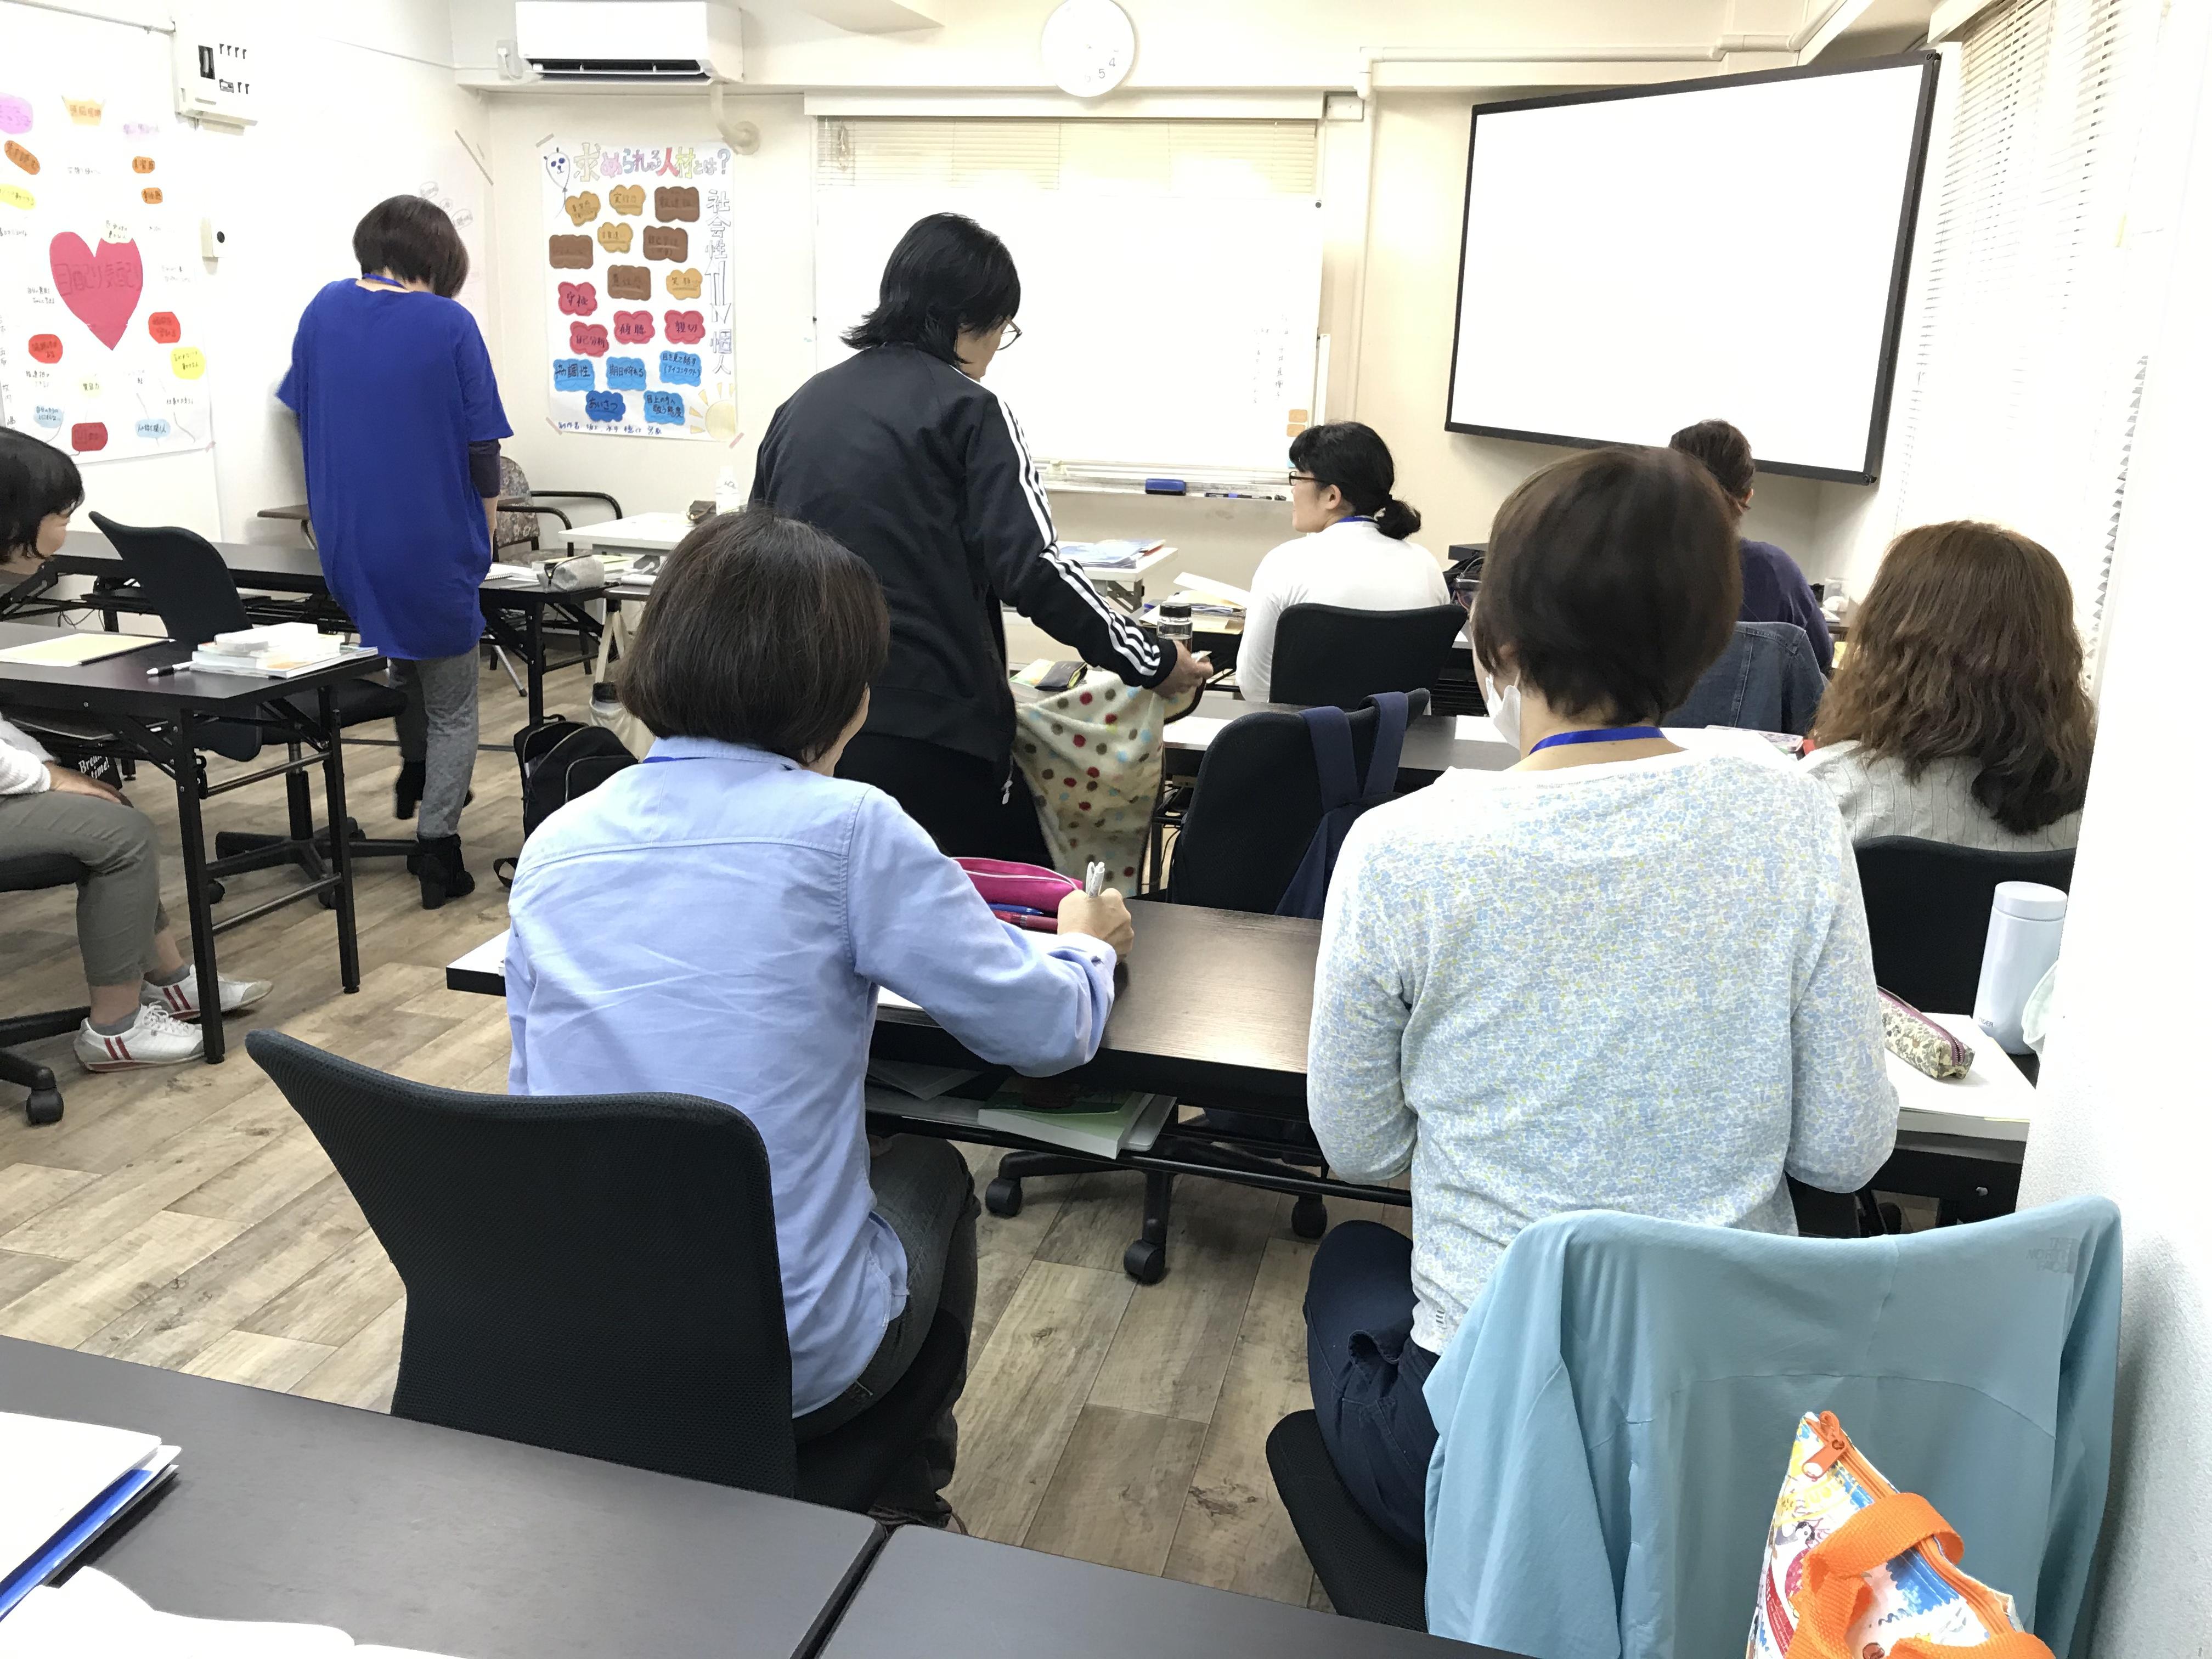 ライブビジネス校フードビジネス科16期生授業開始j